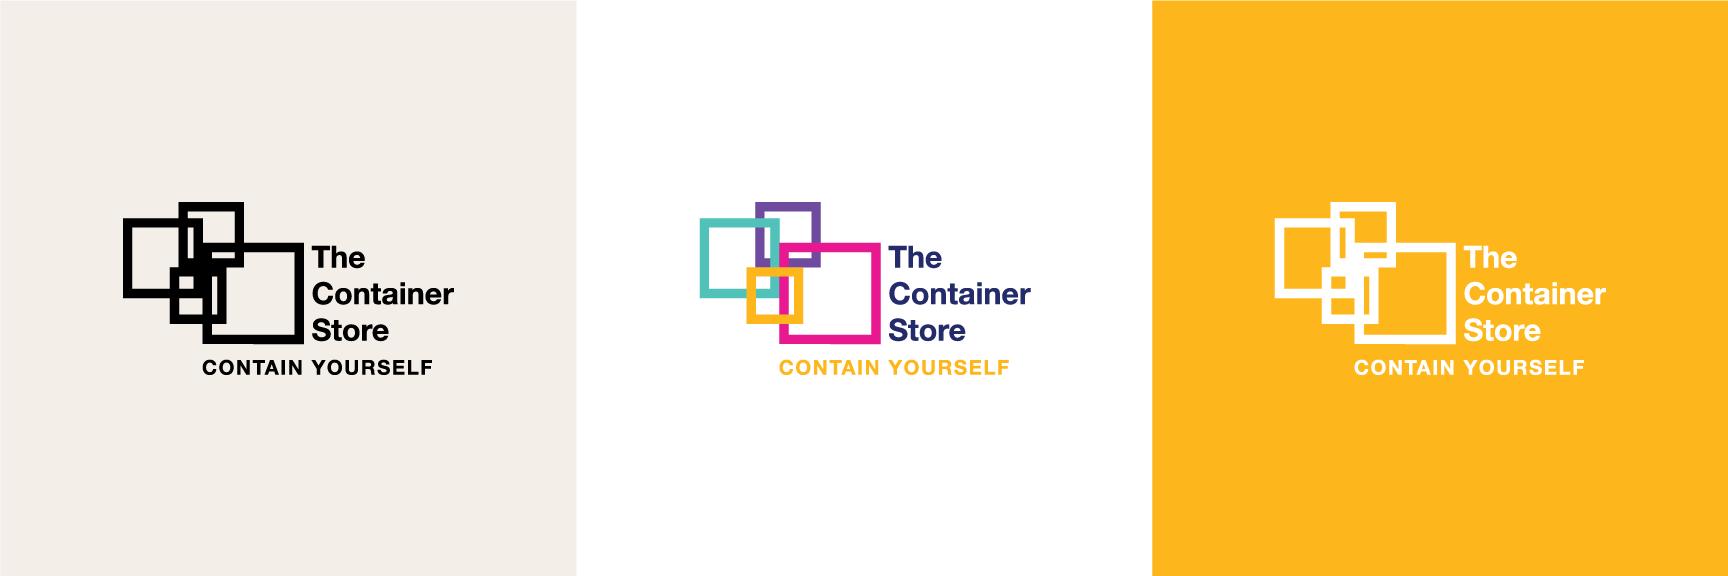 serenachen_containerstore